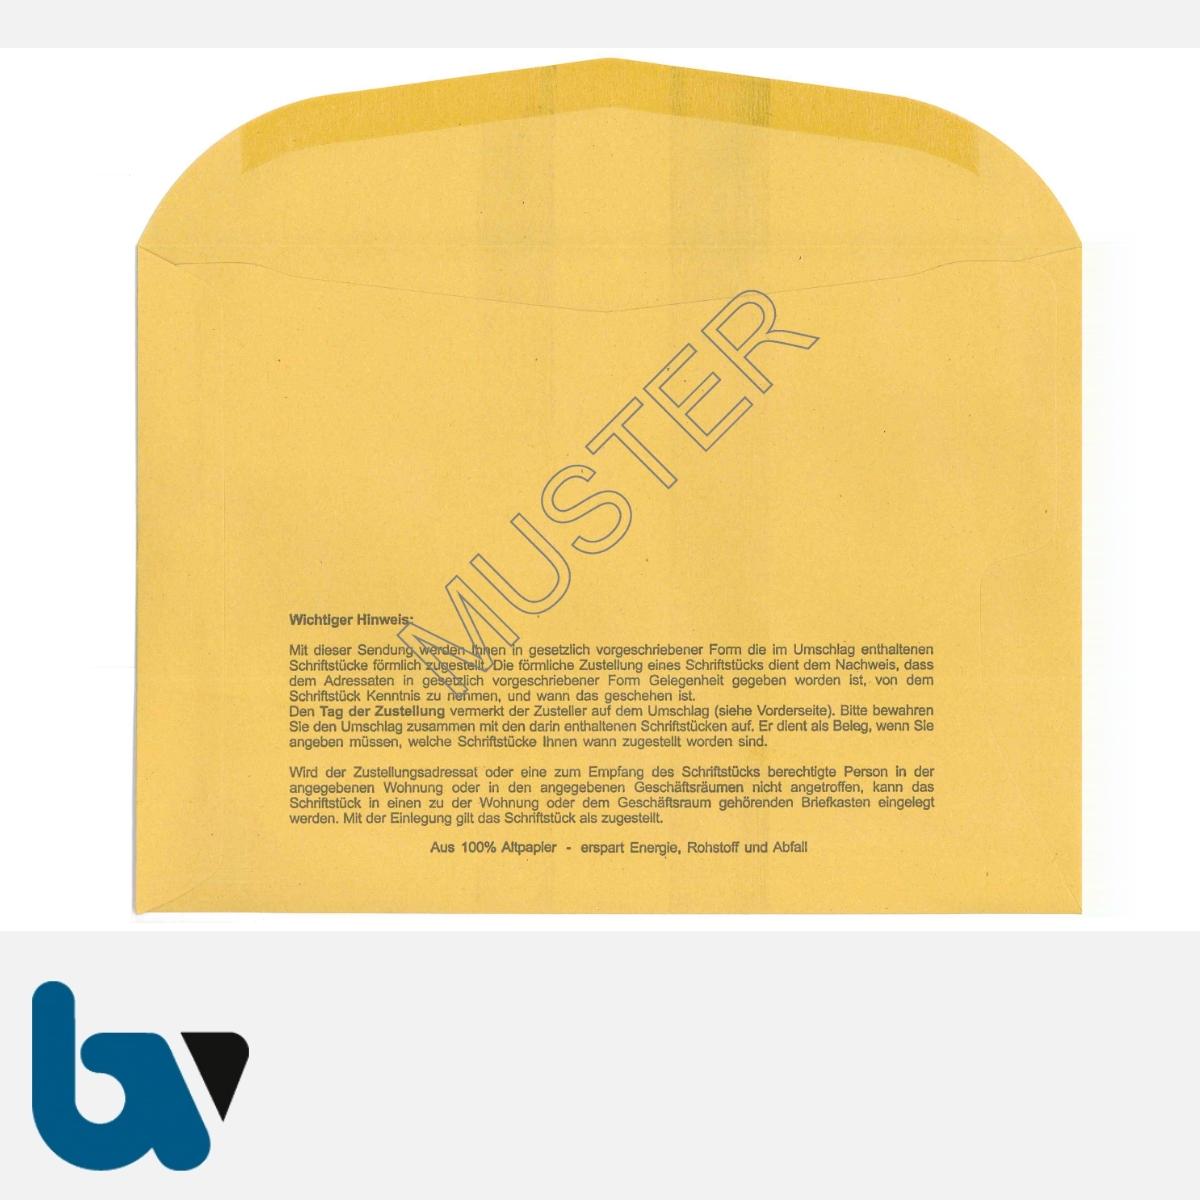 0/101-5 Förmliche Zustellung - Innerer Umschlag, DIN C5, ohne Fenster, nassklebend, Rückseite | Borgard Verlag GmbH